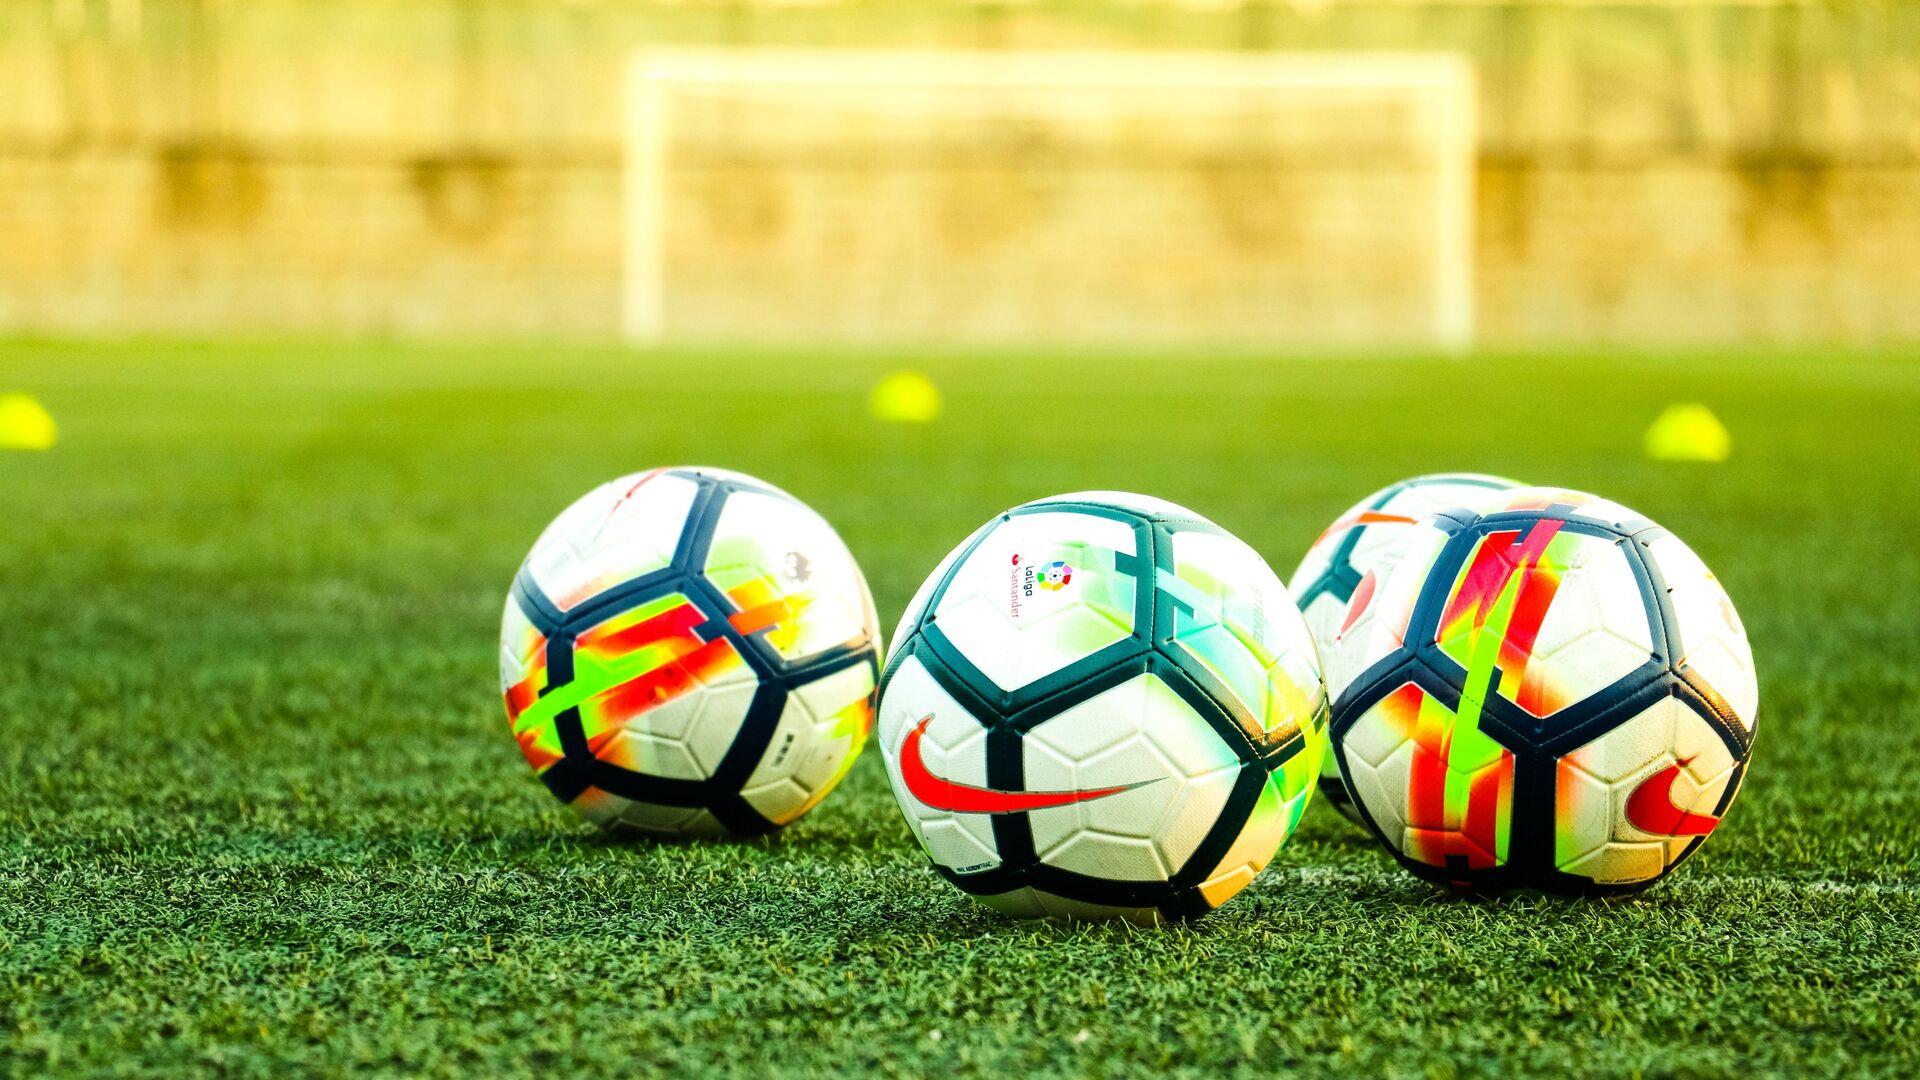 Unos balones de fútbol de Nike - Sputnik Mundo, 1920, 17.03.2021